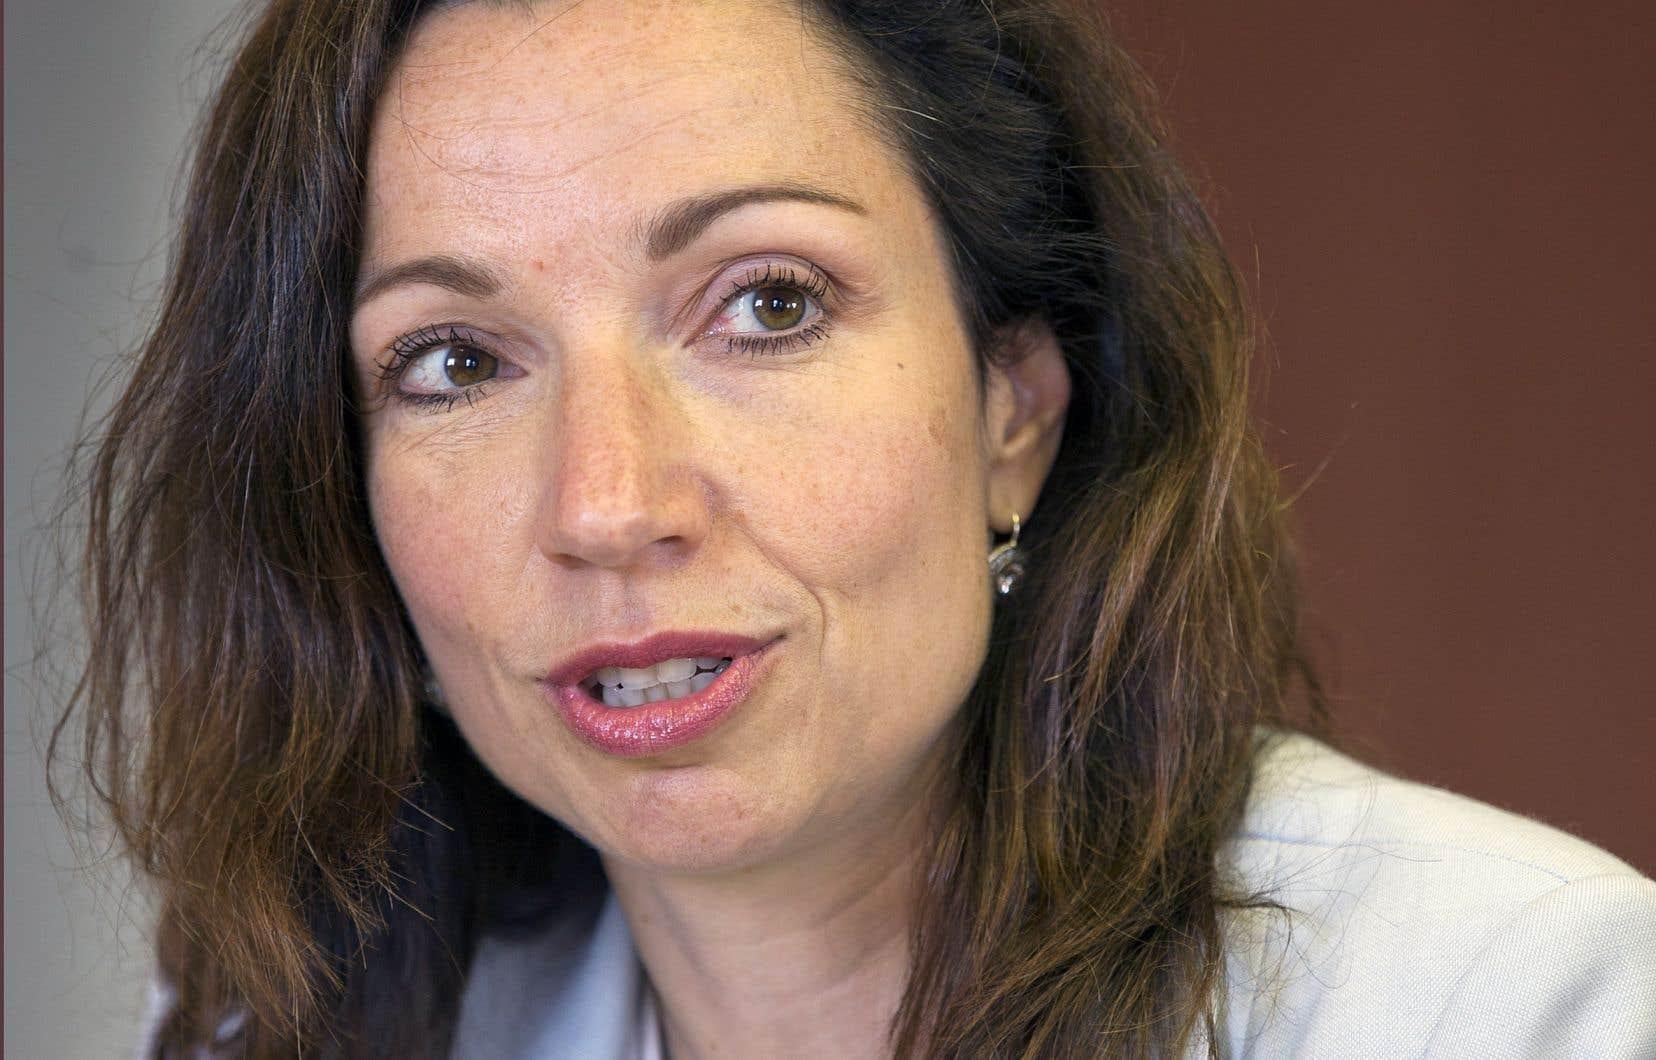 Les résultats du référendum bloquiste qui scellera le sort de Mme Ouellet ne seront connus que le 3 juin.